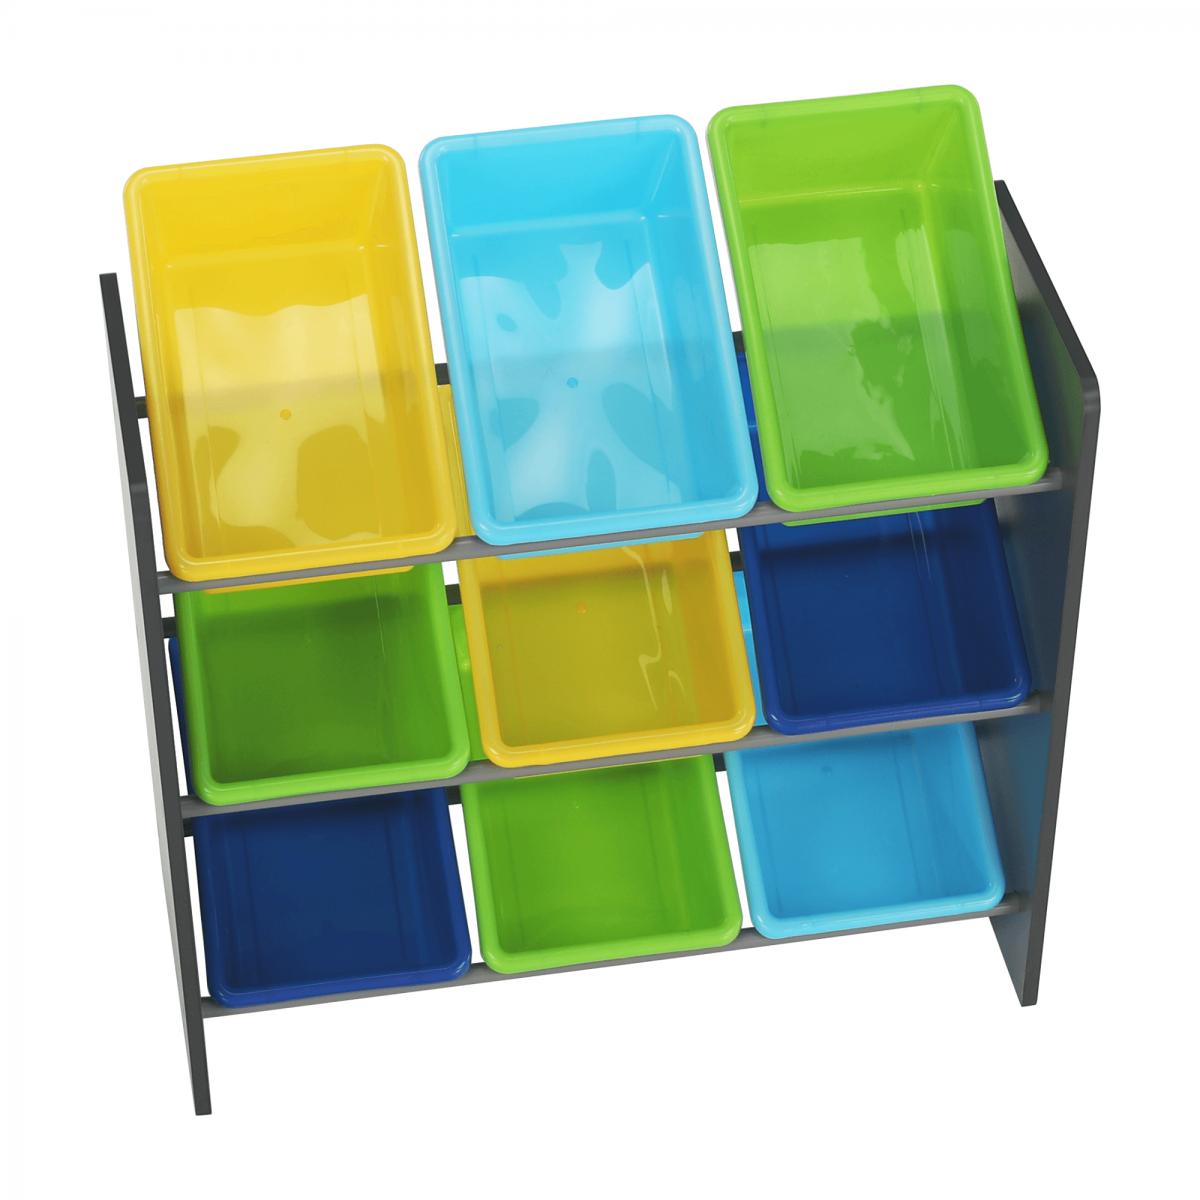 Rendszerező játékokhoz, sokszínű/szürke, KIDO TYP 3